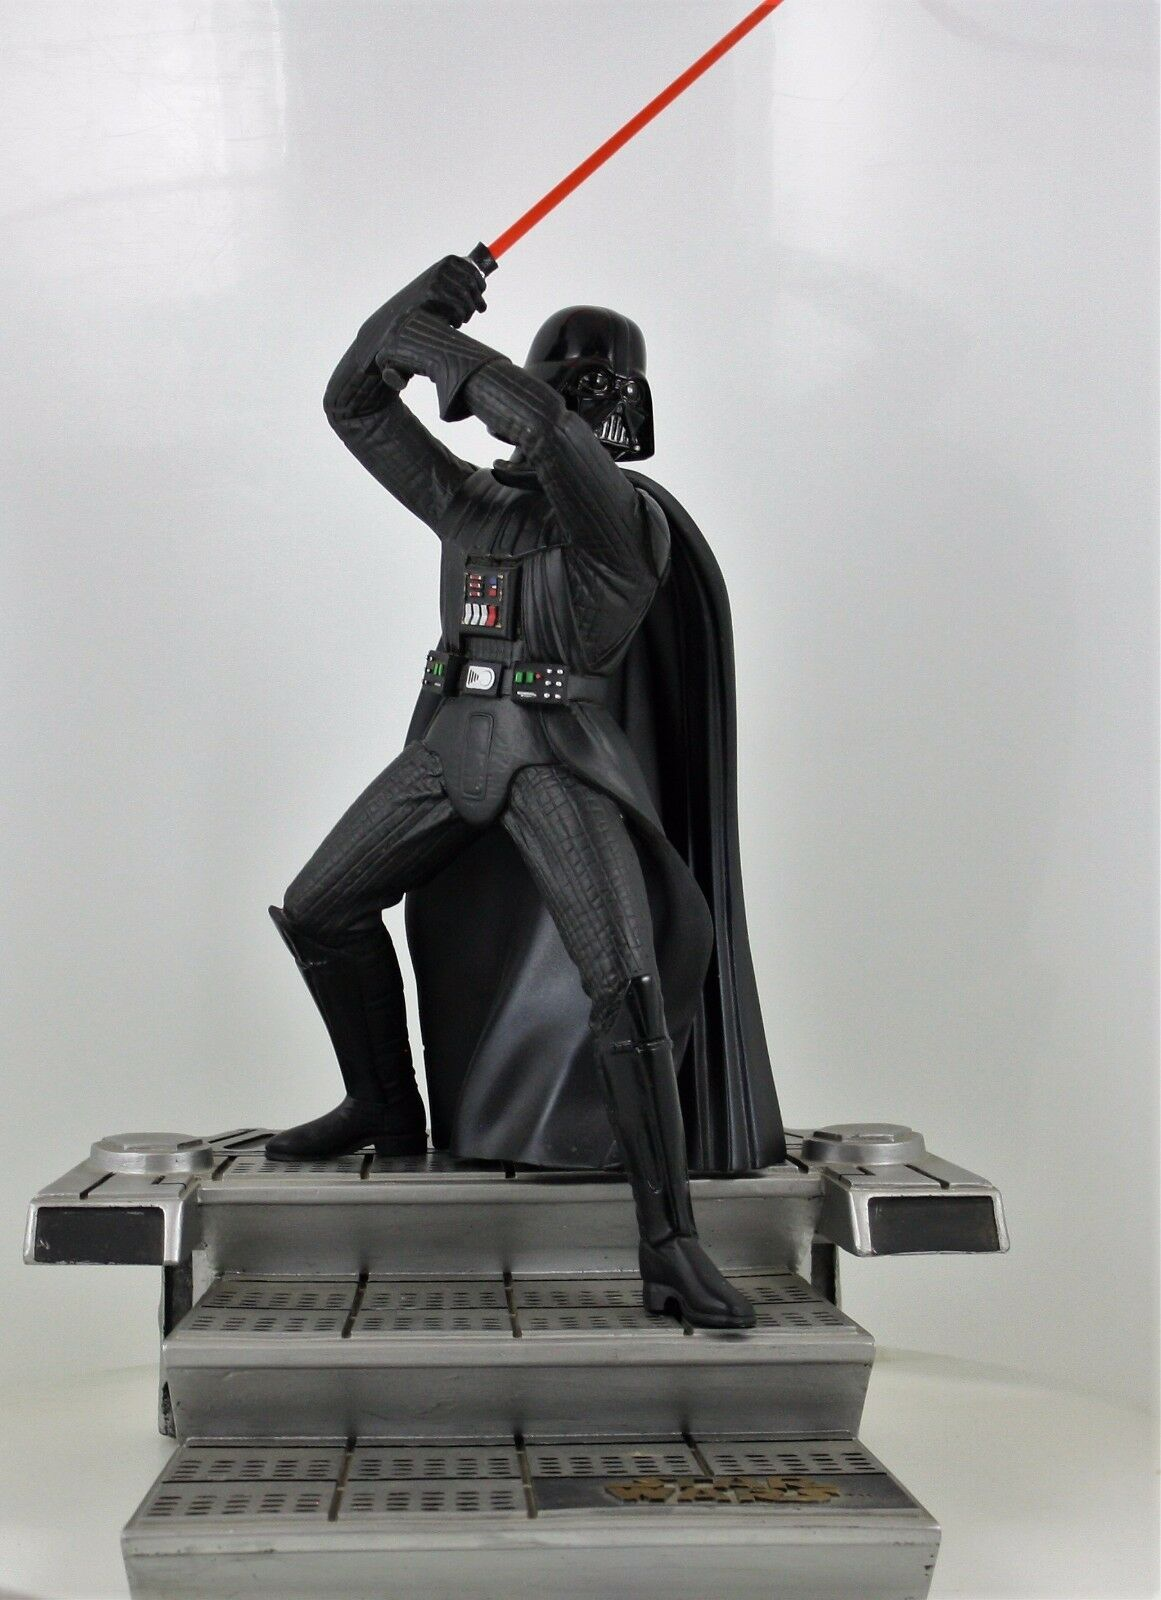 servicio de primera clase Estrella Wars, Edición Limitada Figura de Darth Vader Cinemacast - - - 1994-Excelente Cond.  ahorra hasta un 30-50% de descuento